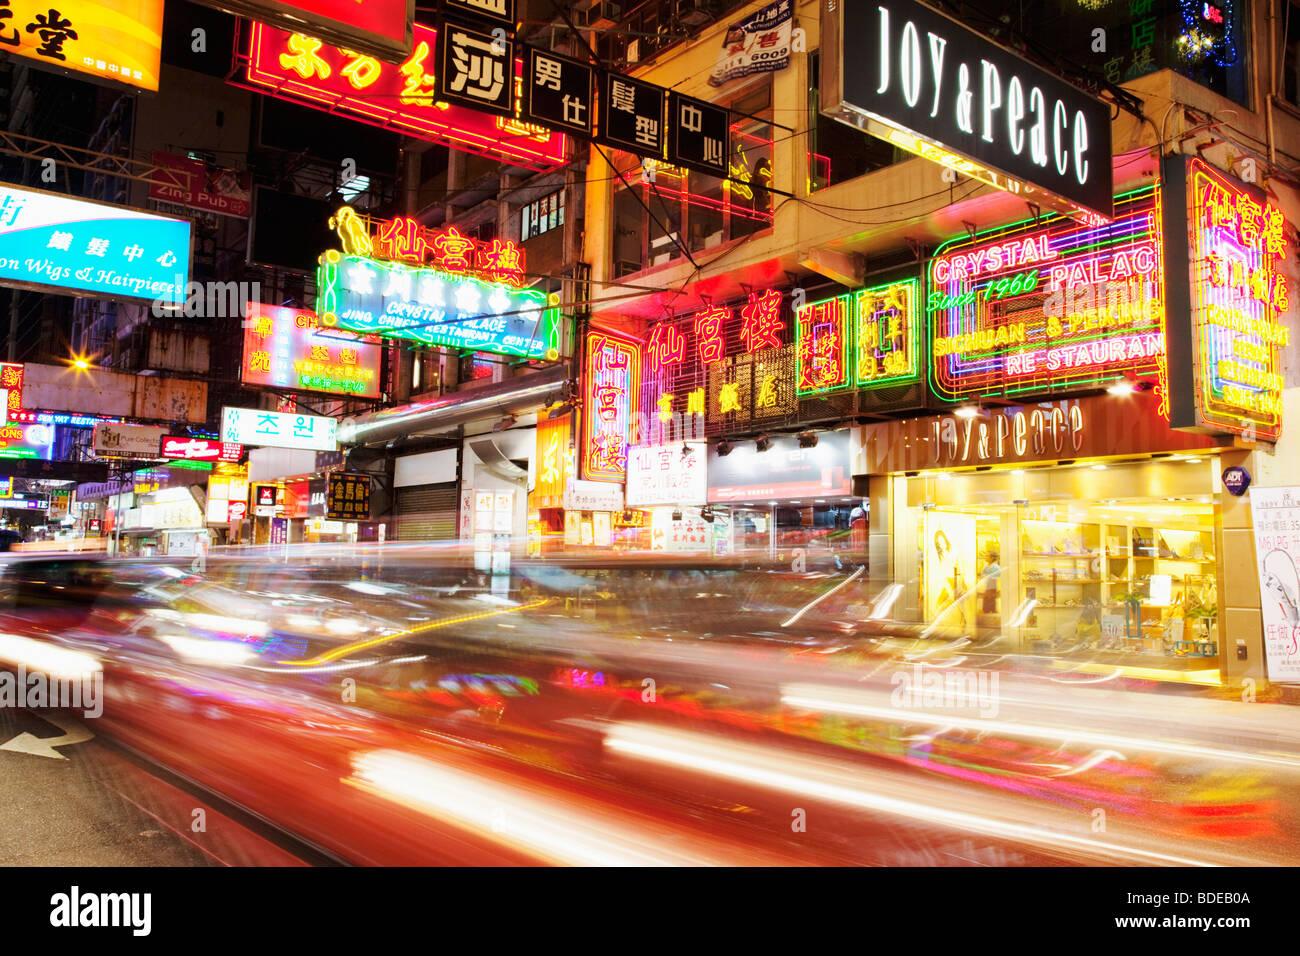 Letreros de neón y luz de coche trail en Tsim Sha Tsui, Kowloon, Hong Kong, China. Imagen De Stock